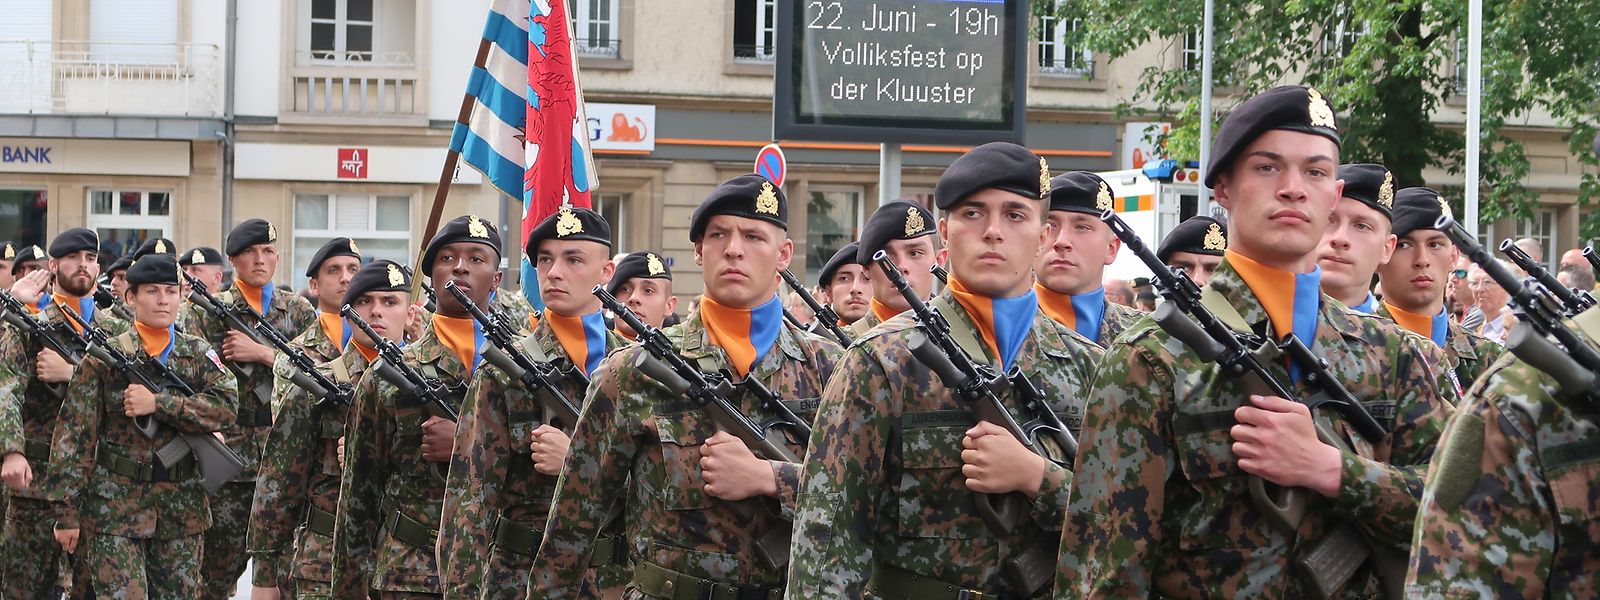 Die Soldaten defilieren in der Rue de Stavelot an der Ehrentribüne vorbei.